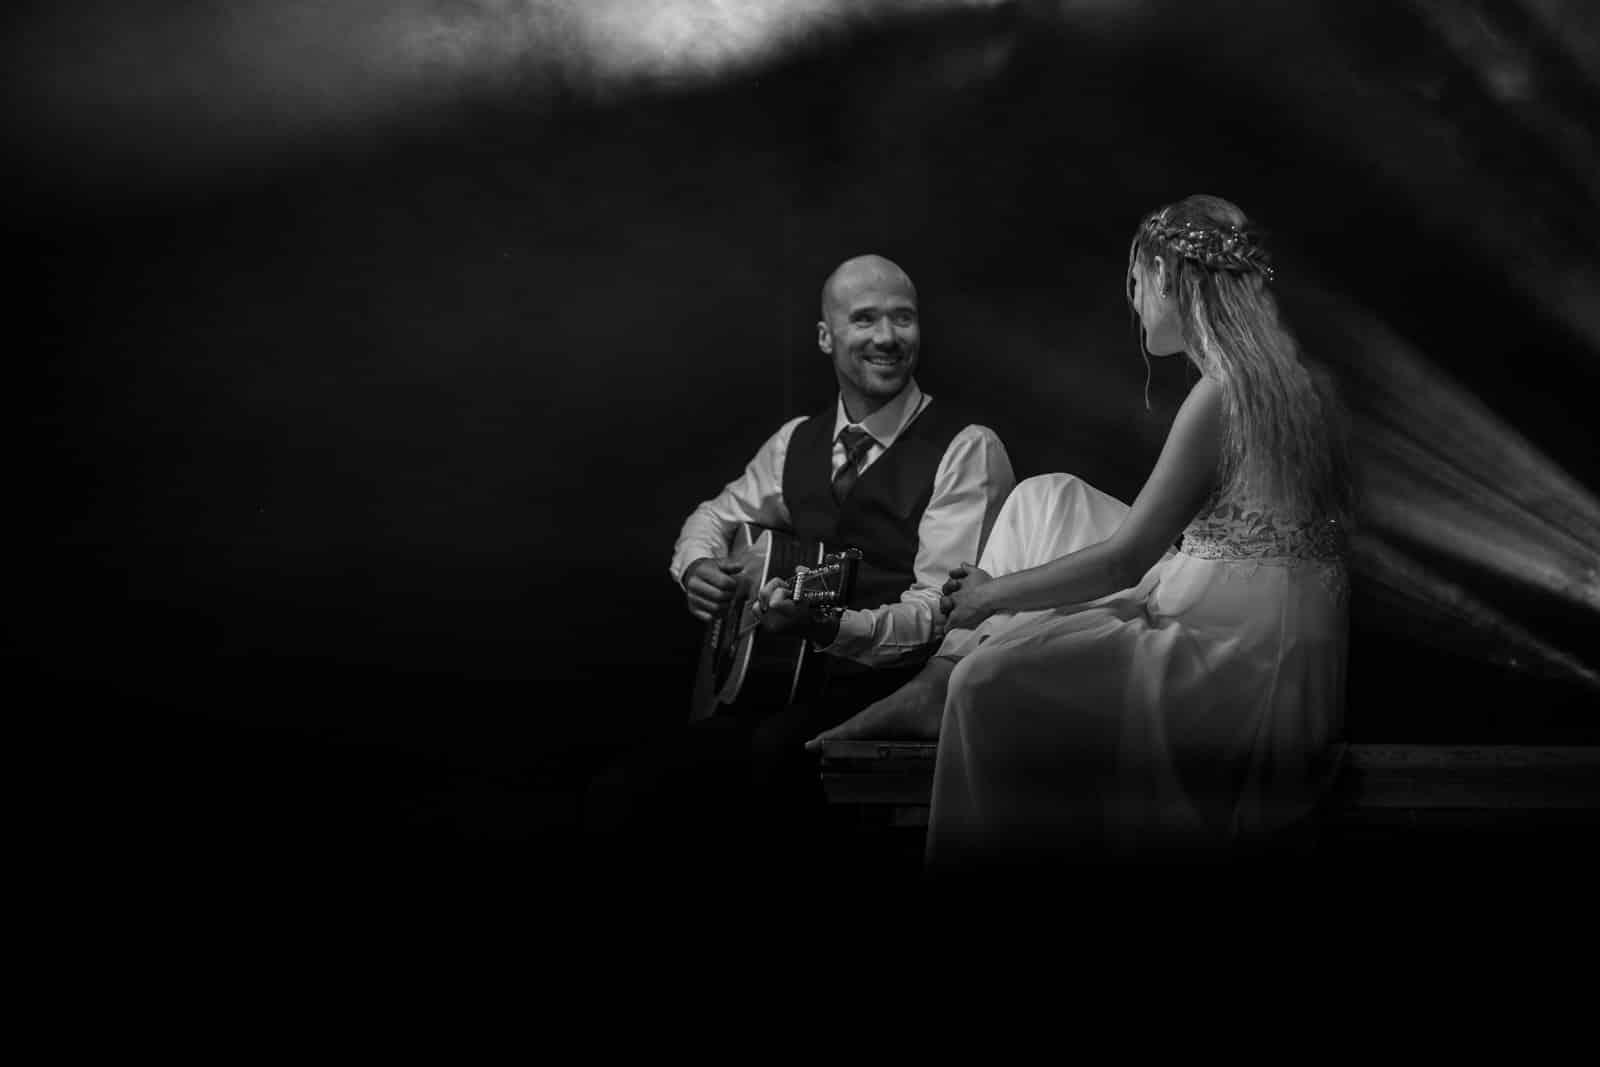 Bräutigam spielt auf einer Bühne ein Lied für seine Braut.